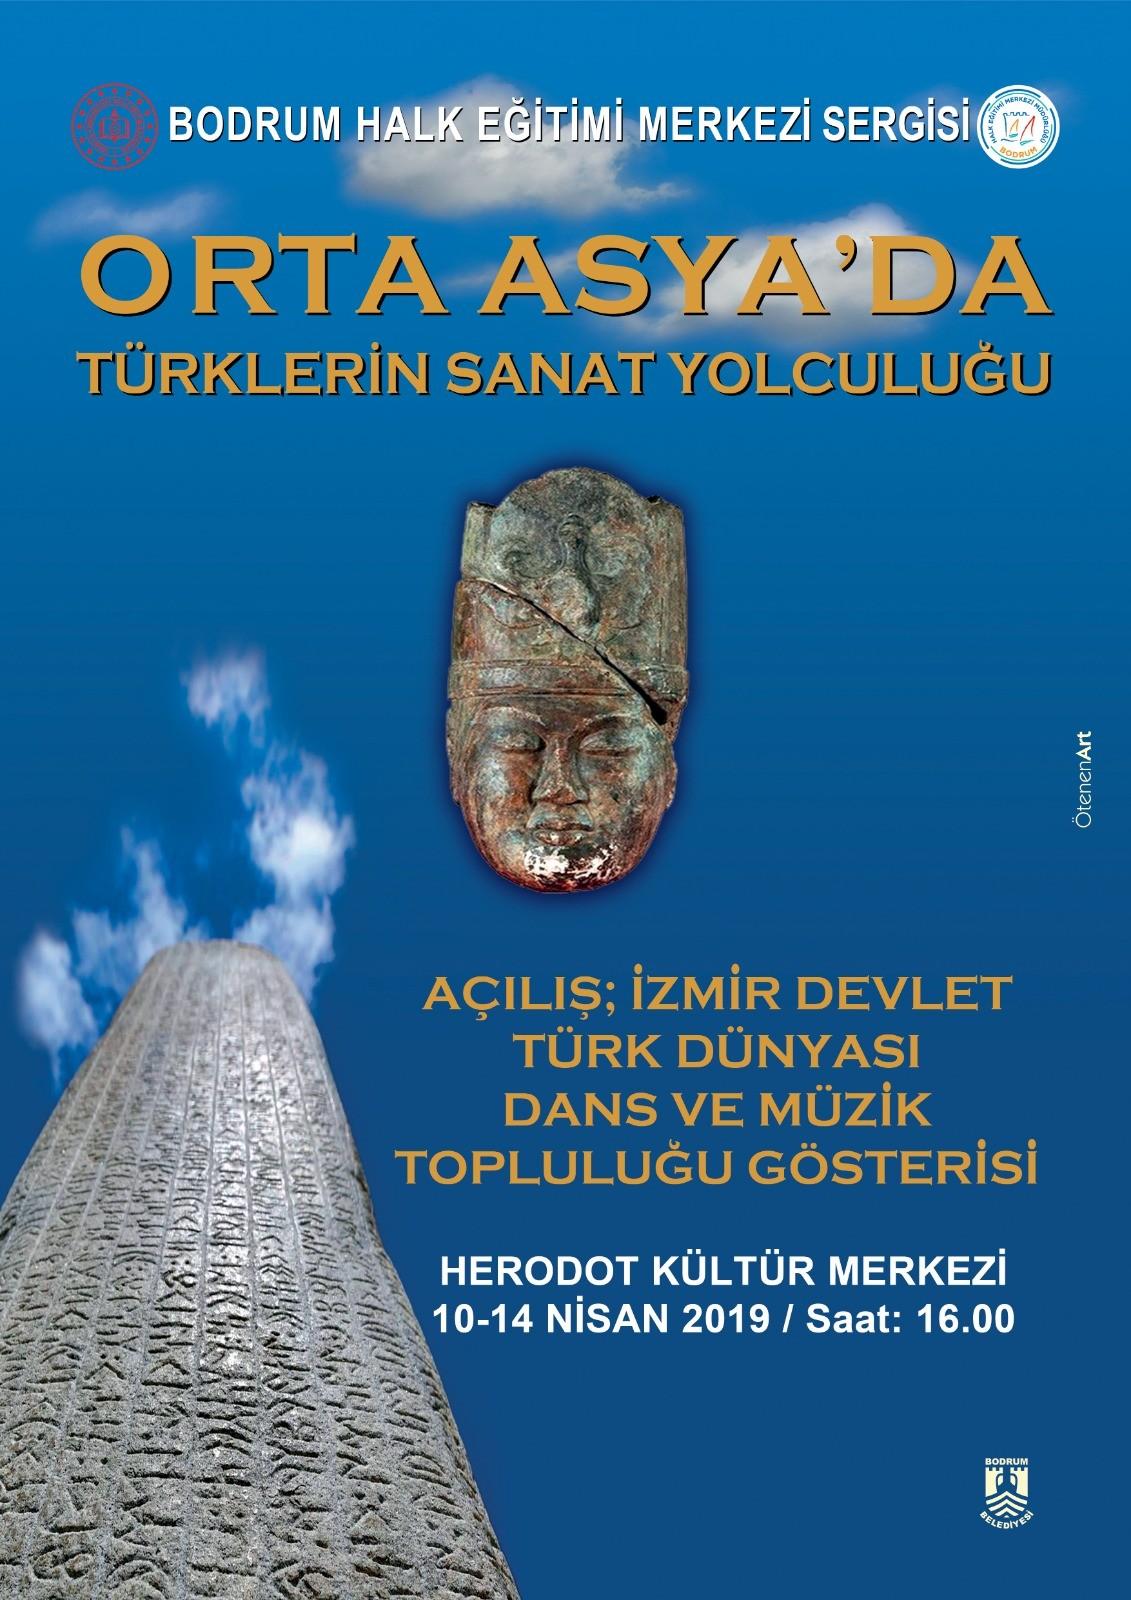 bodrum halk eğitim merkezi BU YOLCULUĞU KAÇIRMAYIN… orta asya da turkler